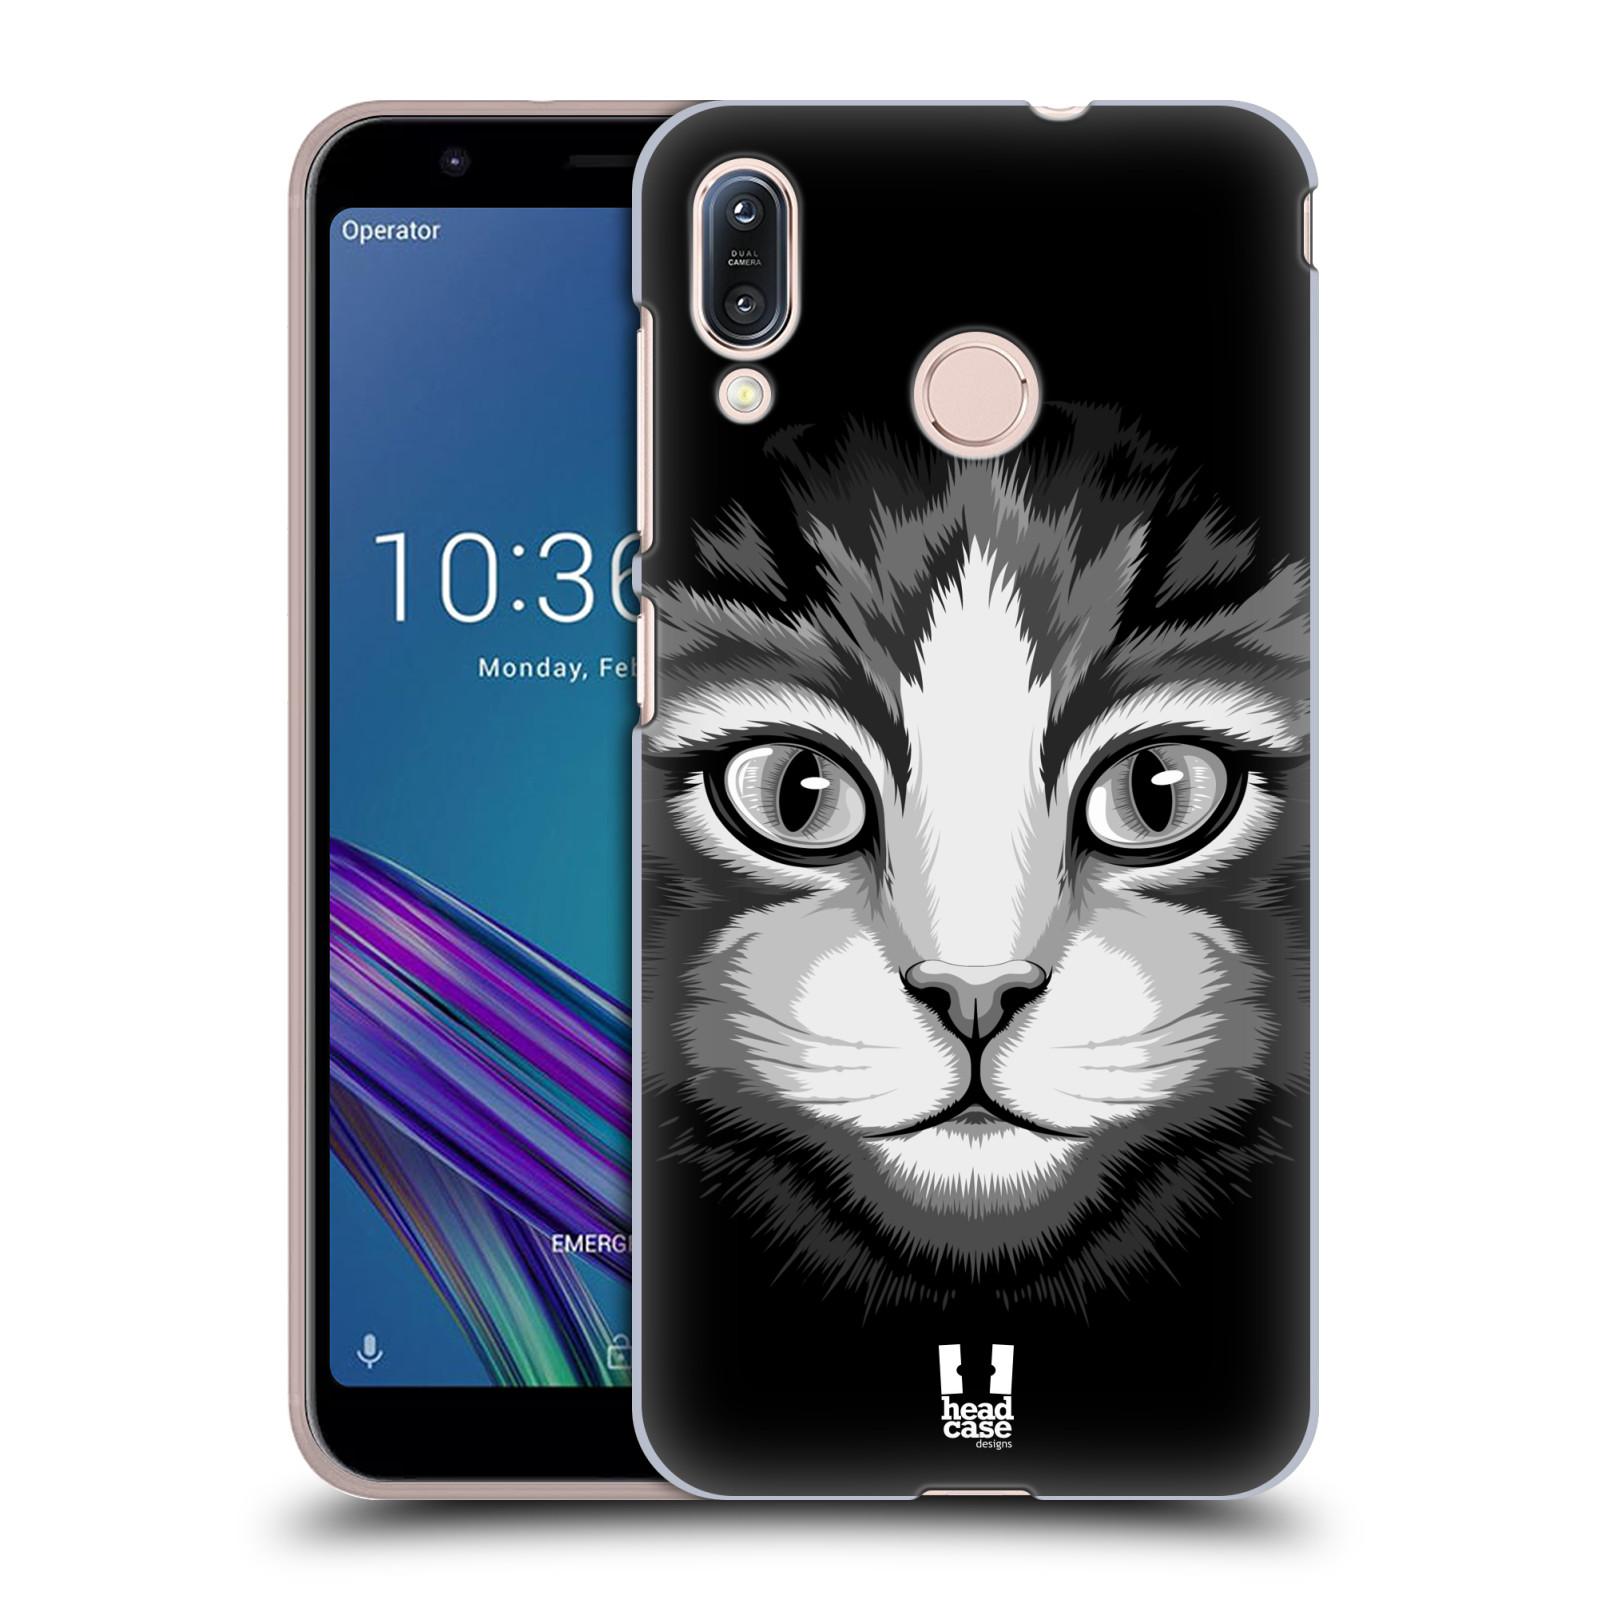 Pouzdro na mobil Asus Zenfone Max M1 (ZB555KL) - HEAD CASE - vzor Zvíře kreslená tvář 2 kočička